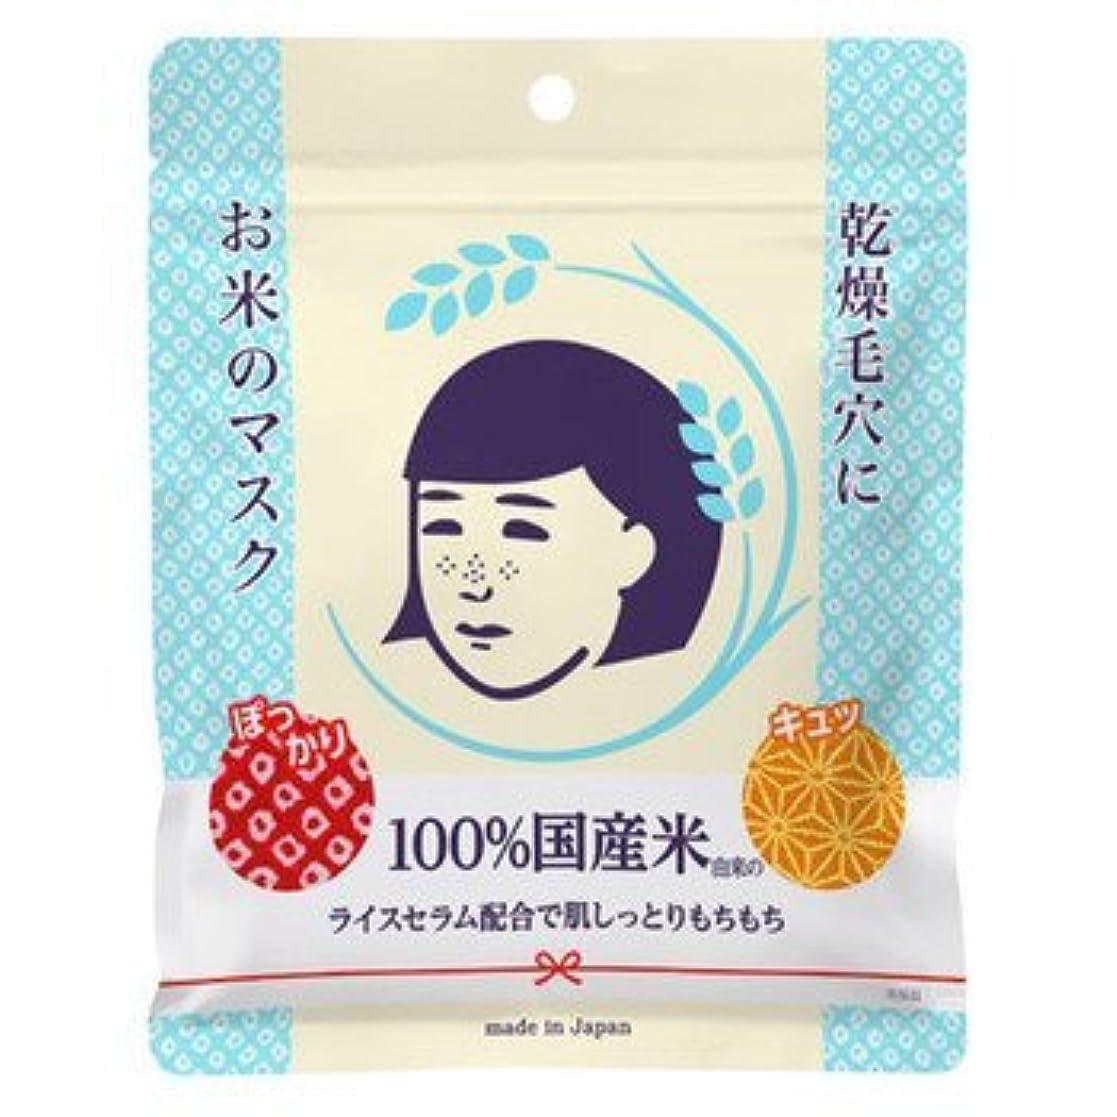 アスリートディスカウント忠実に毛穴撫子 お米のマスク 10枚入 6個入りセット